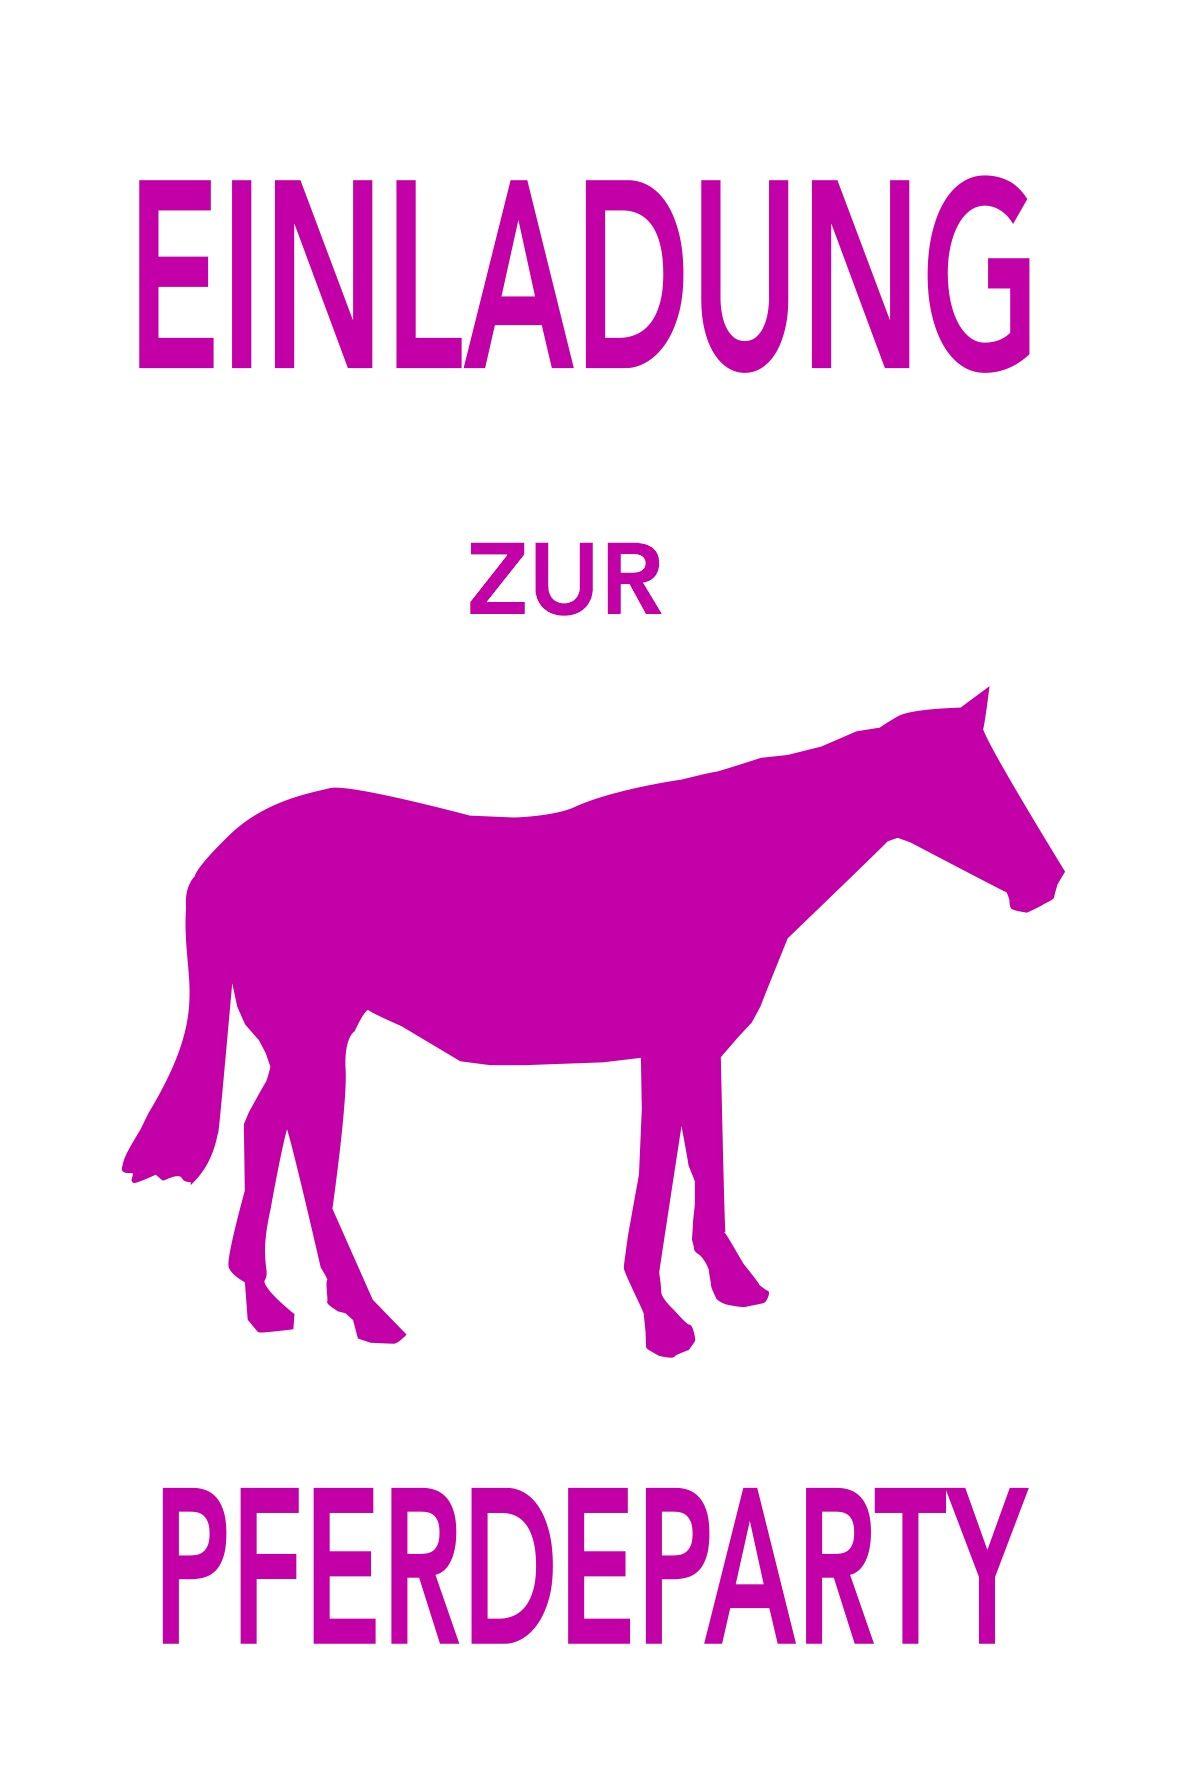 Einladung Vorlage Zu Party Geburtstag Essen: Einladung Zum Pferdegeburtstag! Kostenlos Drucken Auf